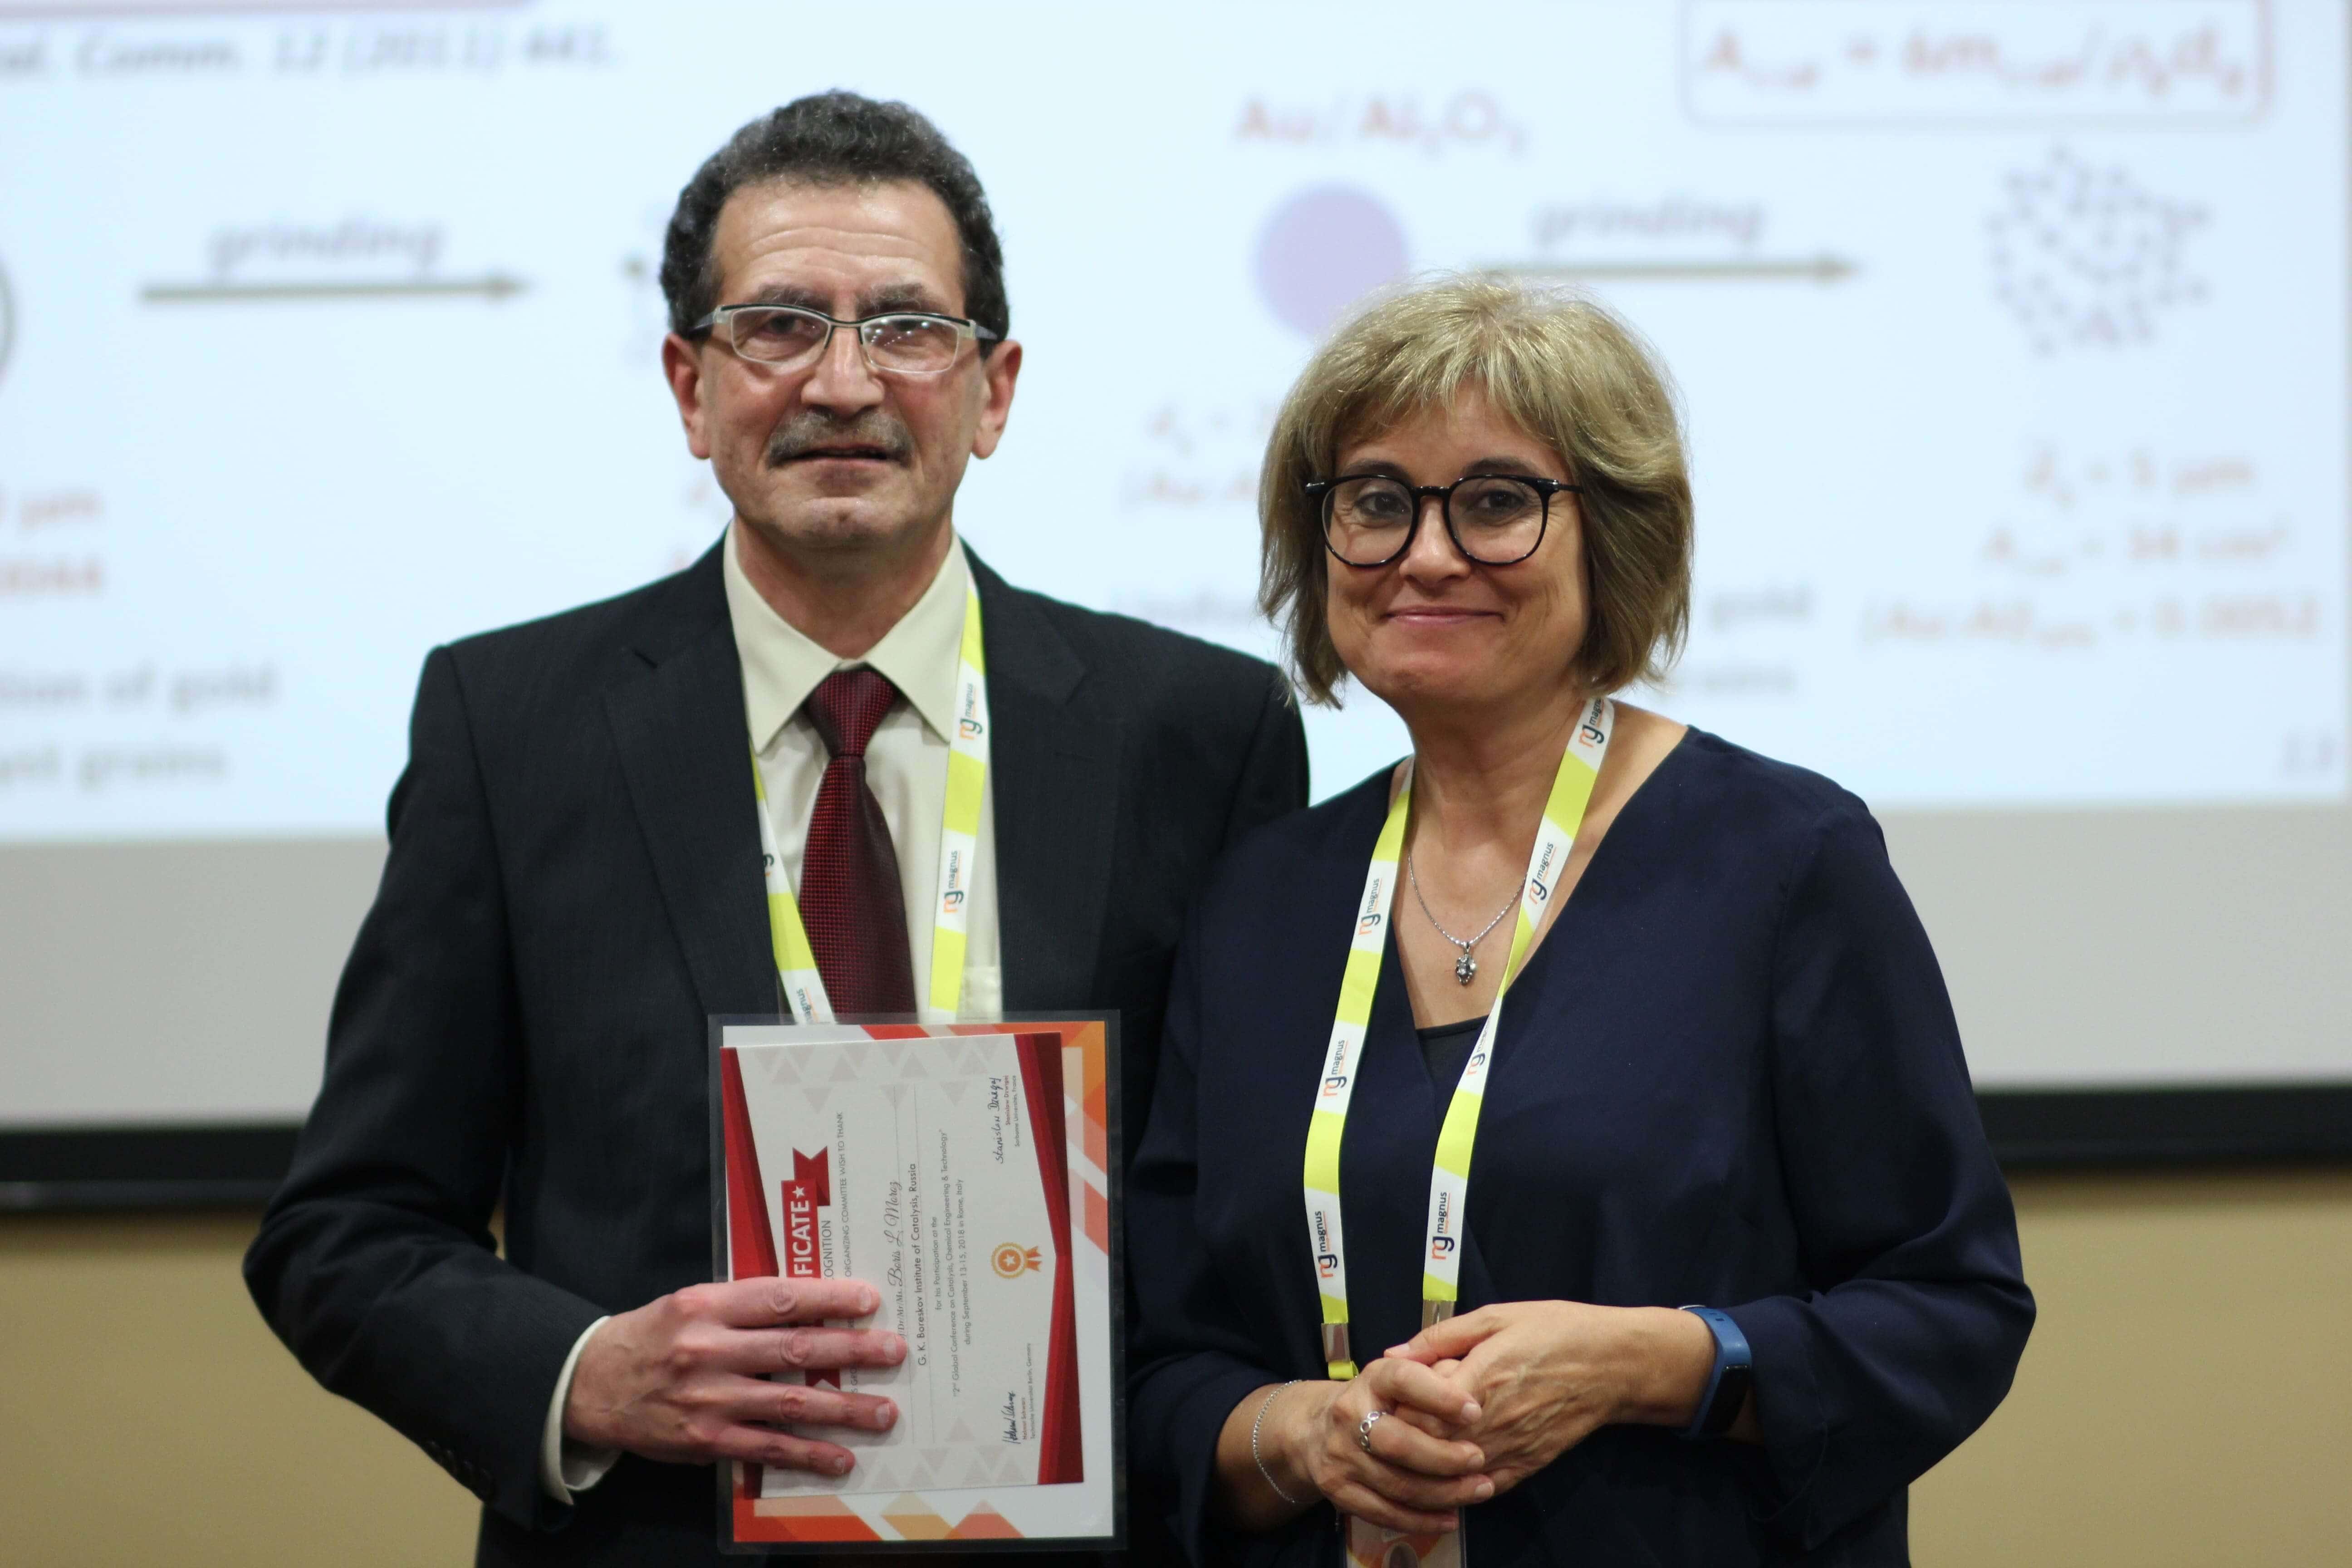 Boris L. Moroz felicitated by Luisa María Gómez Sainero